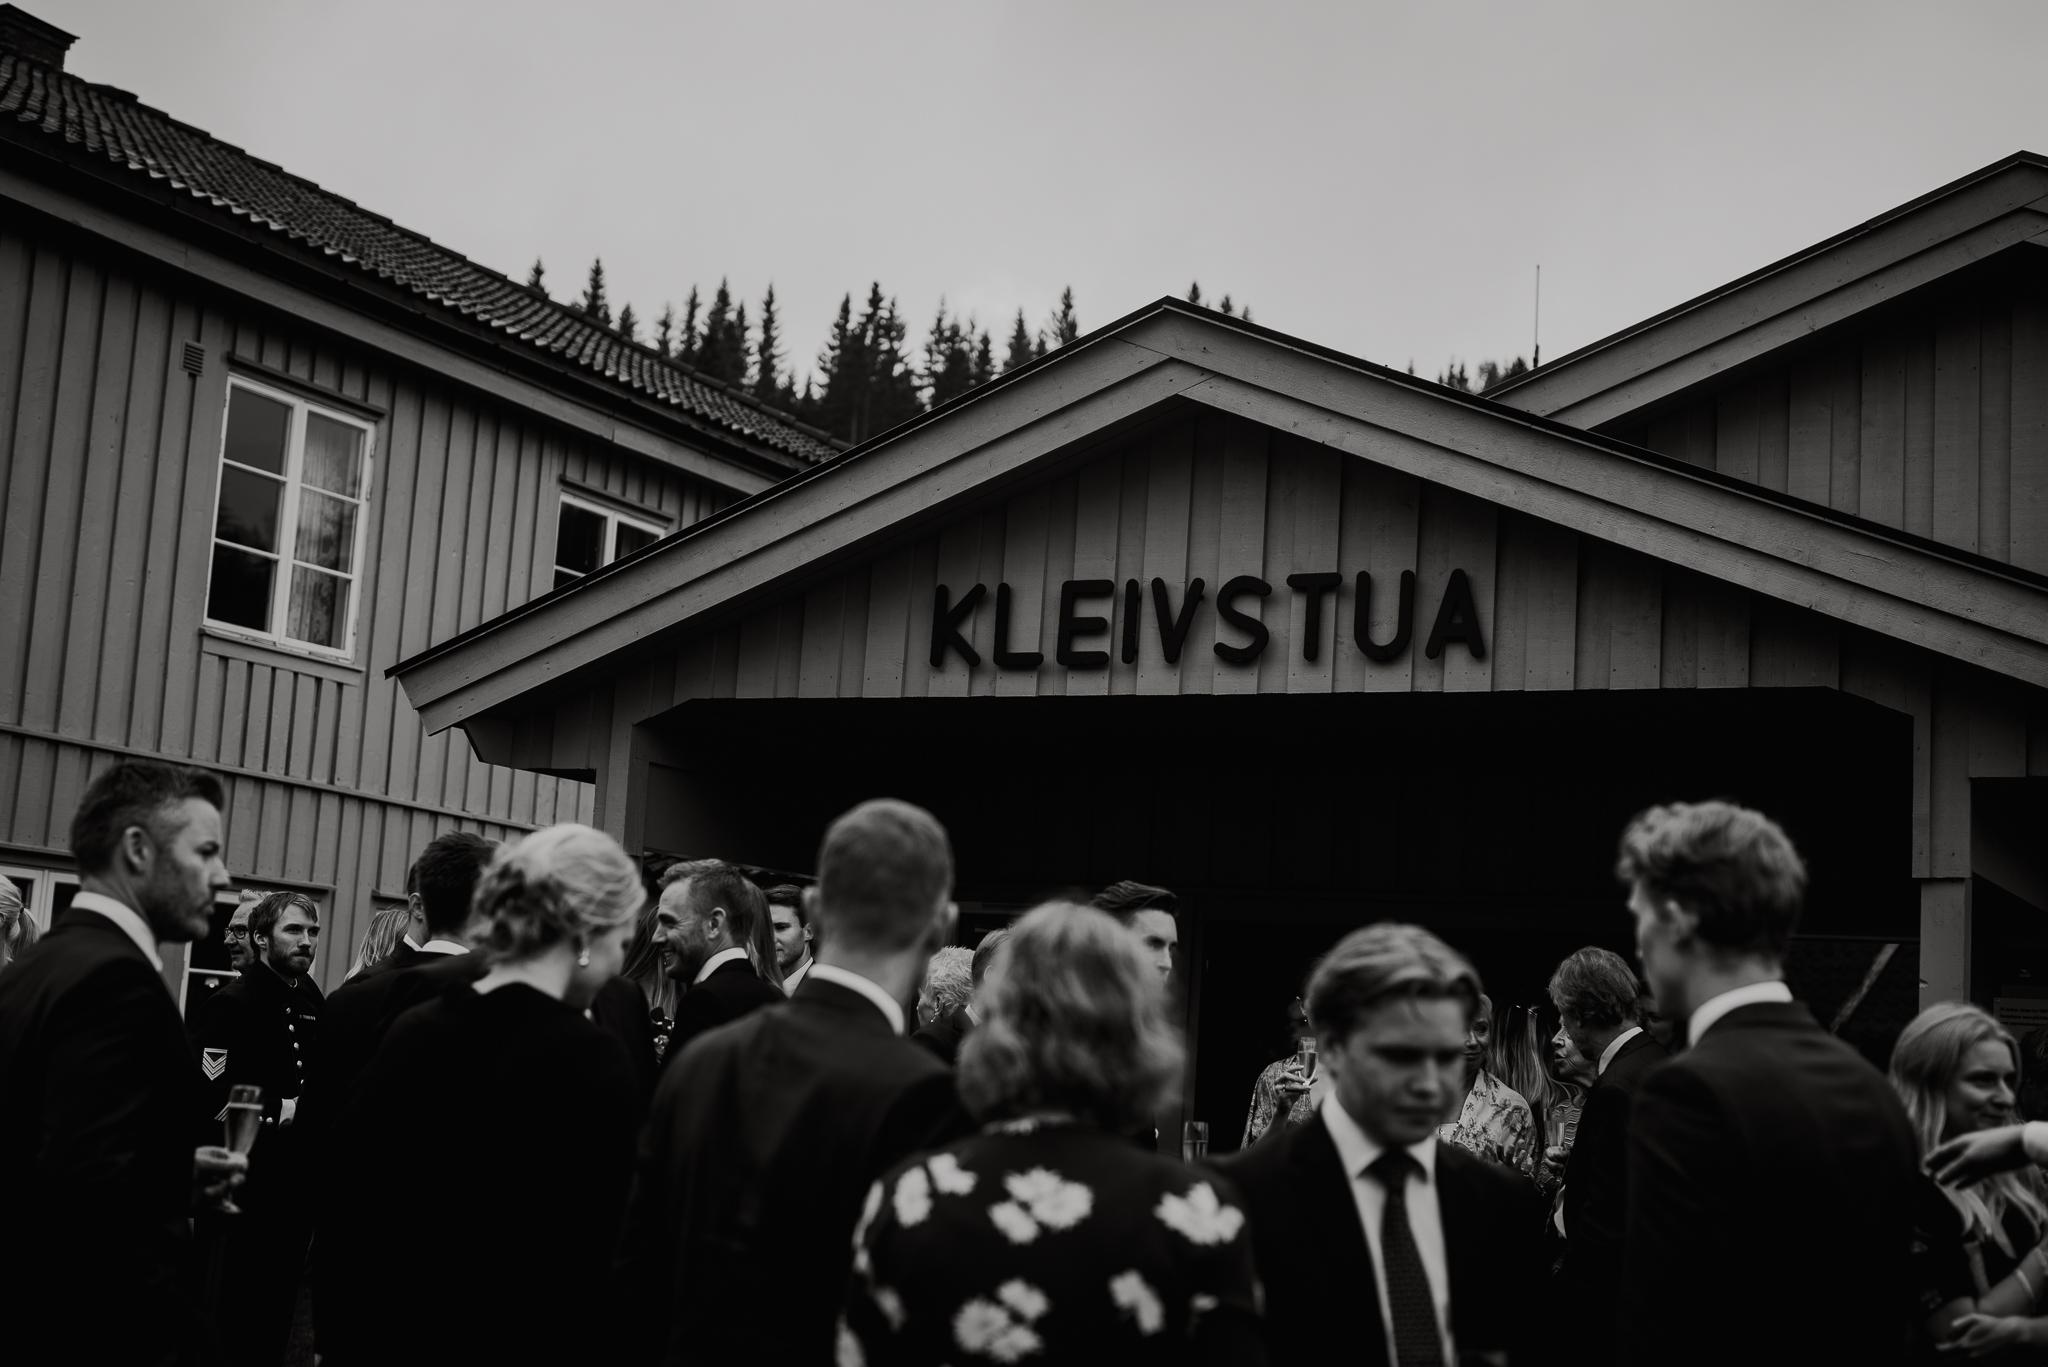 Bryllup på Kleivstua_bryllupsfotograf Oslo-44.jpg